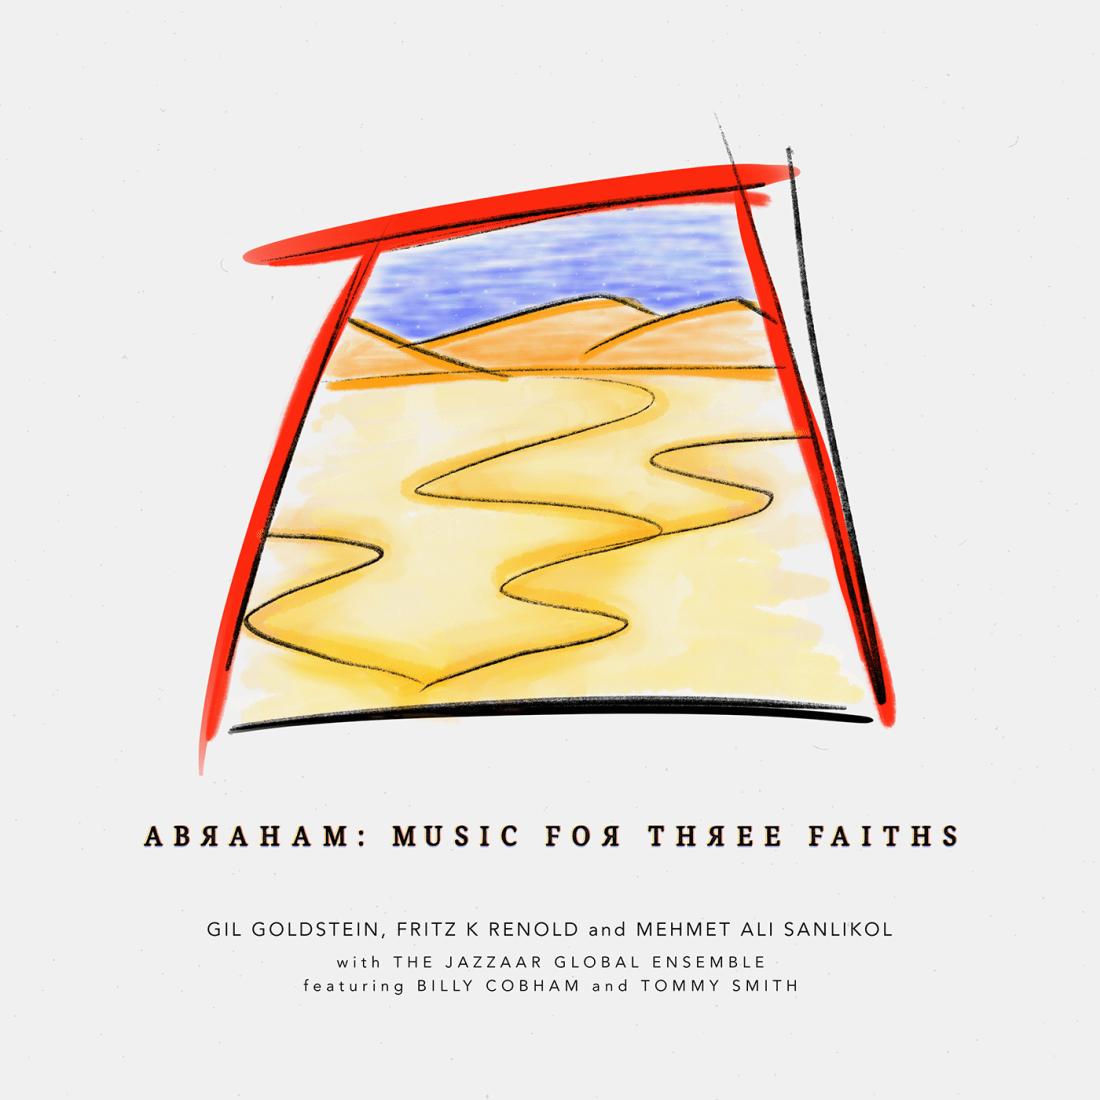 2019 – Abraham: Music for Three Faiths